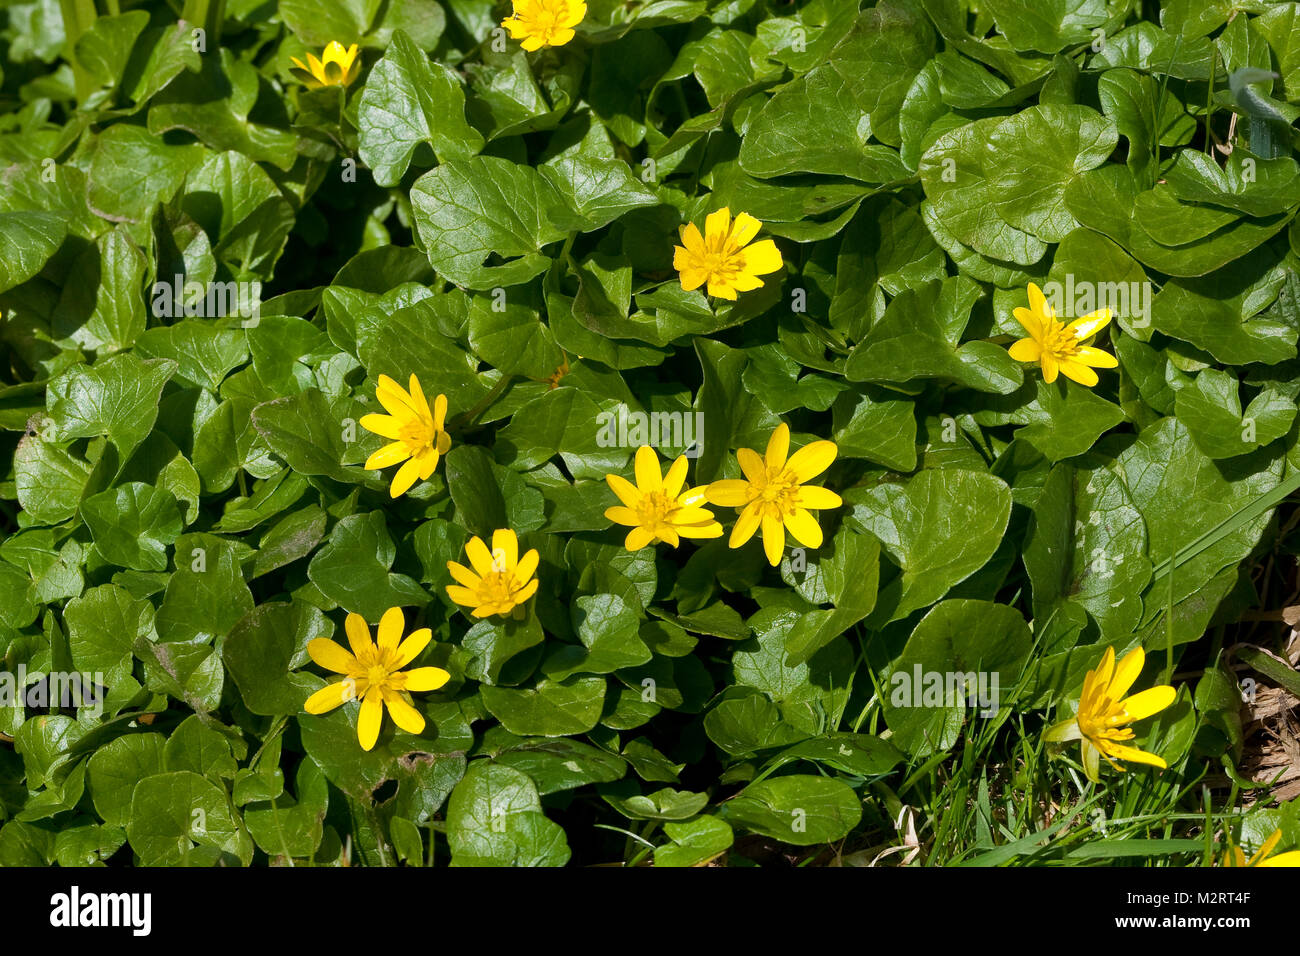 Scharbockskraut, Scharbocks-Kraut, Scharbockkraut, Frühlings-Scharbockkraut, Scharbock-Kraut, Ranunculus ficaria, Immagini Stock